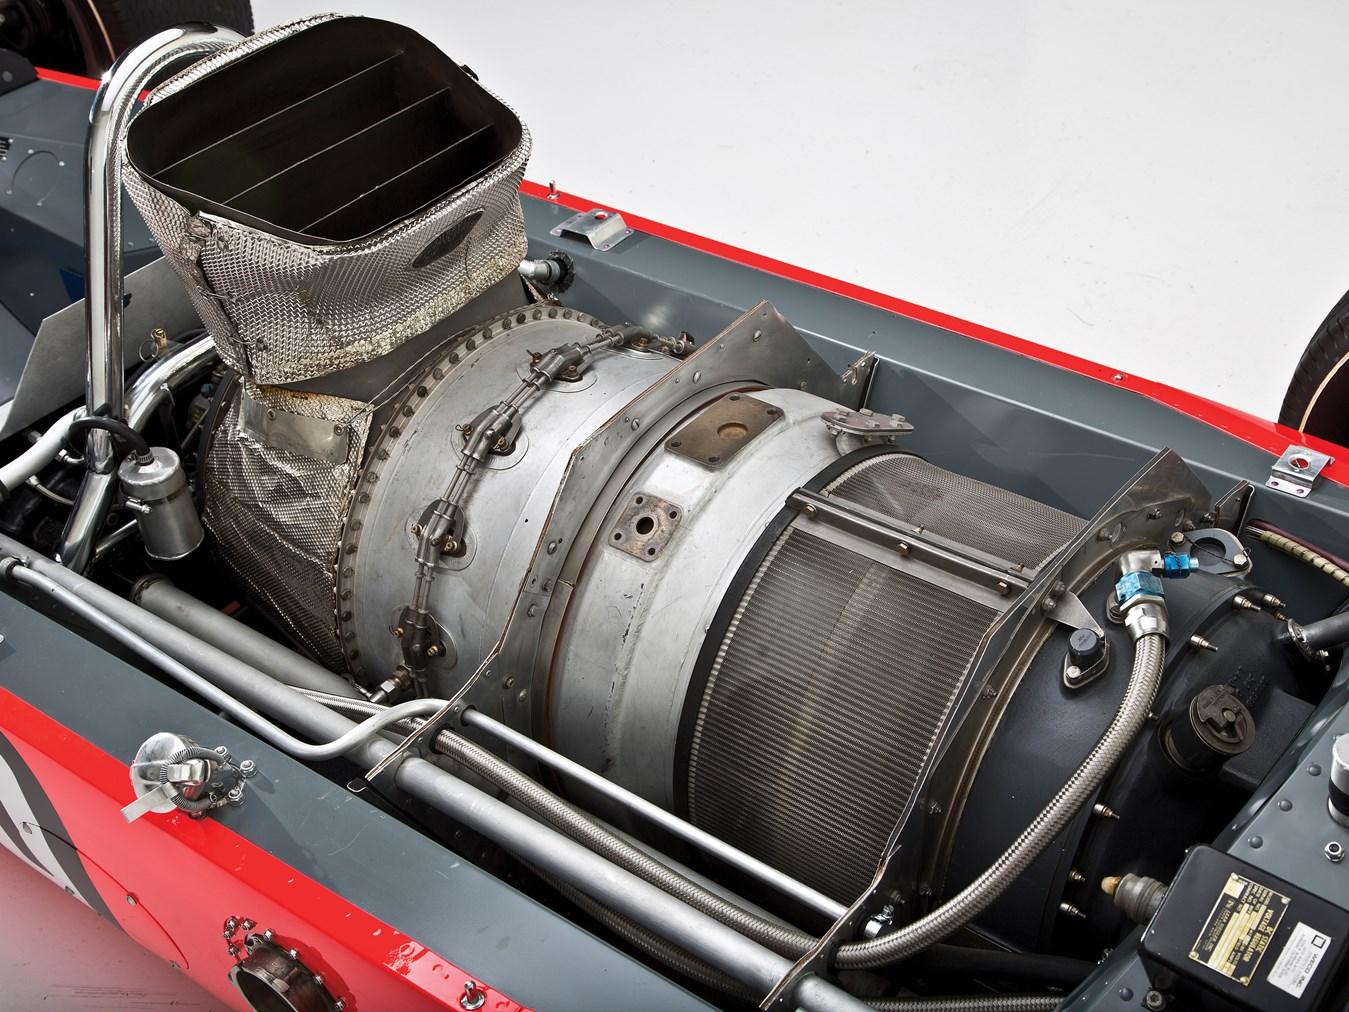 Lotus 56 turbine - 1